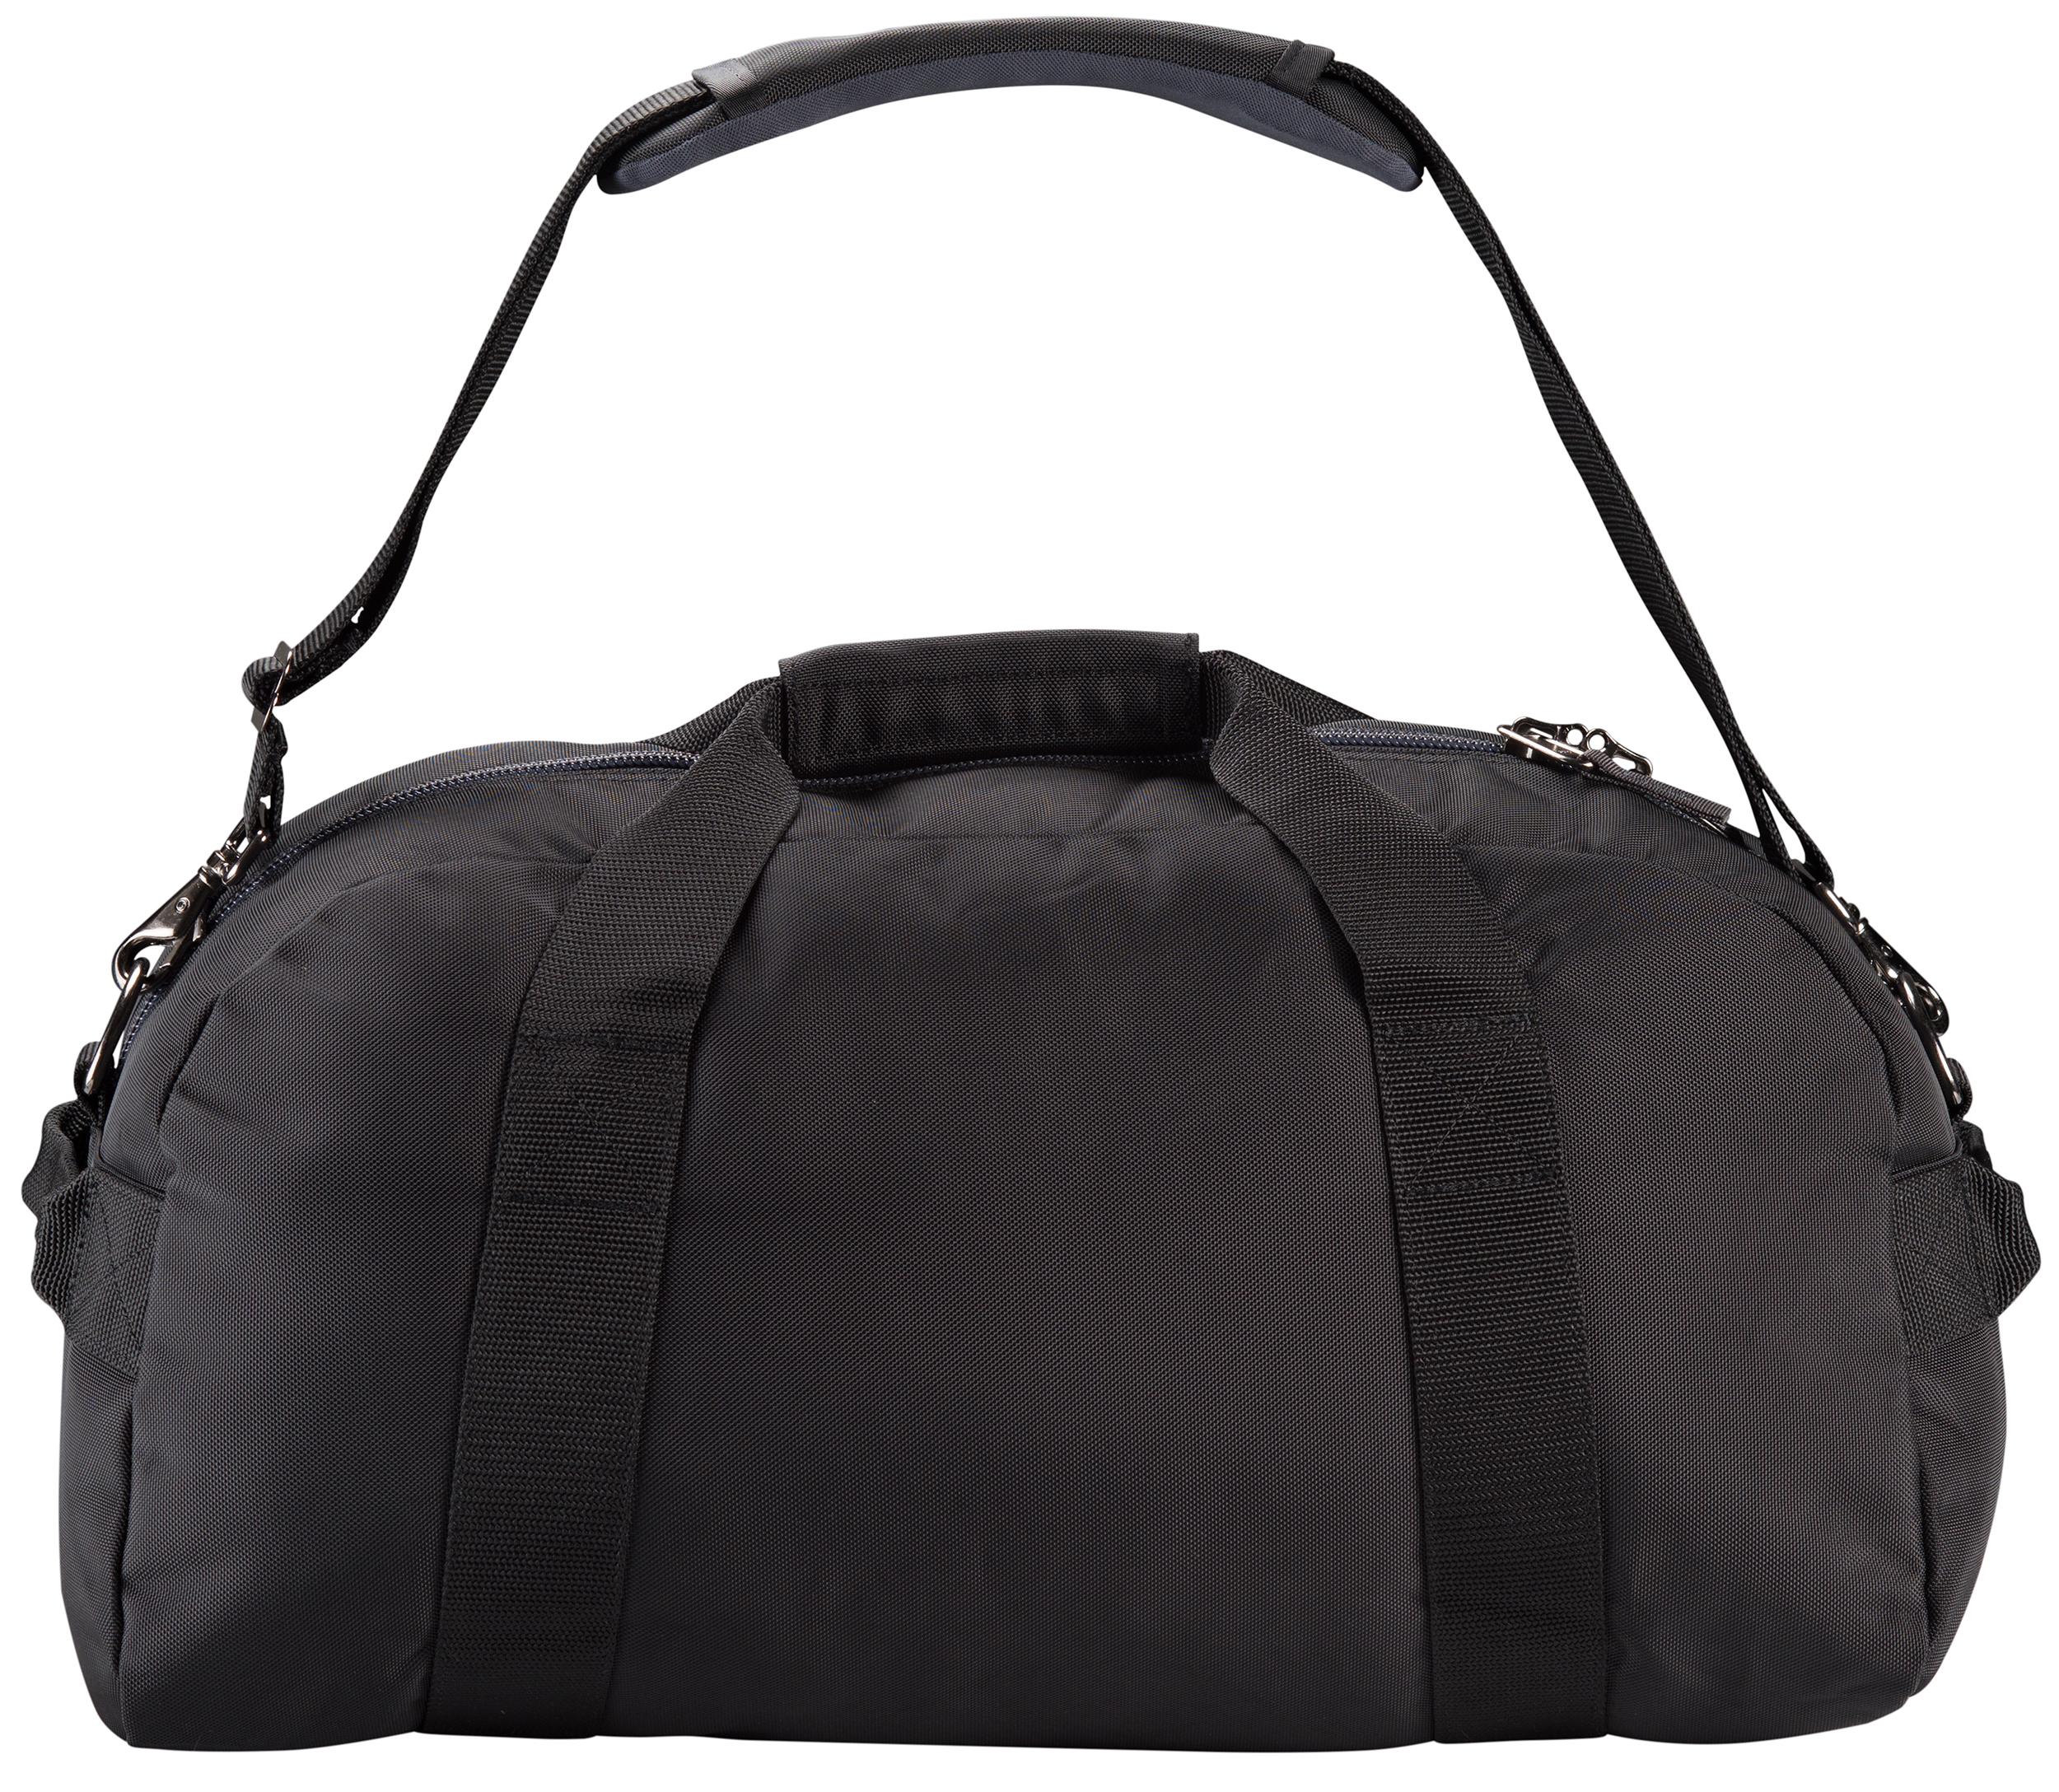 MEC Duffle Bag d85a9b2d76e2c